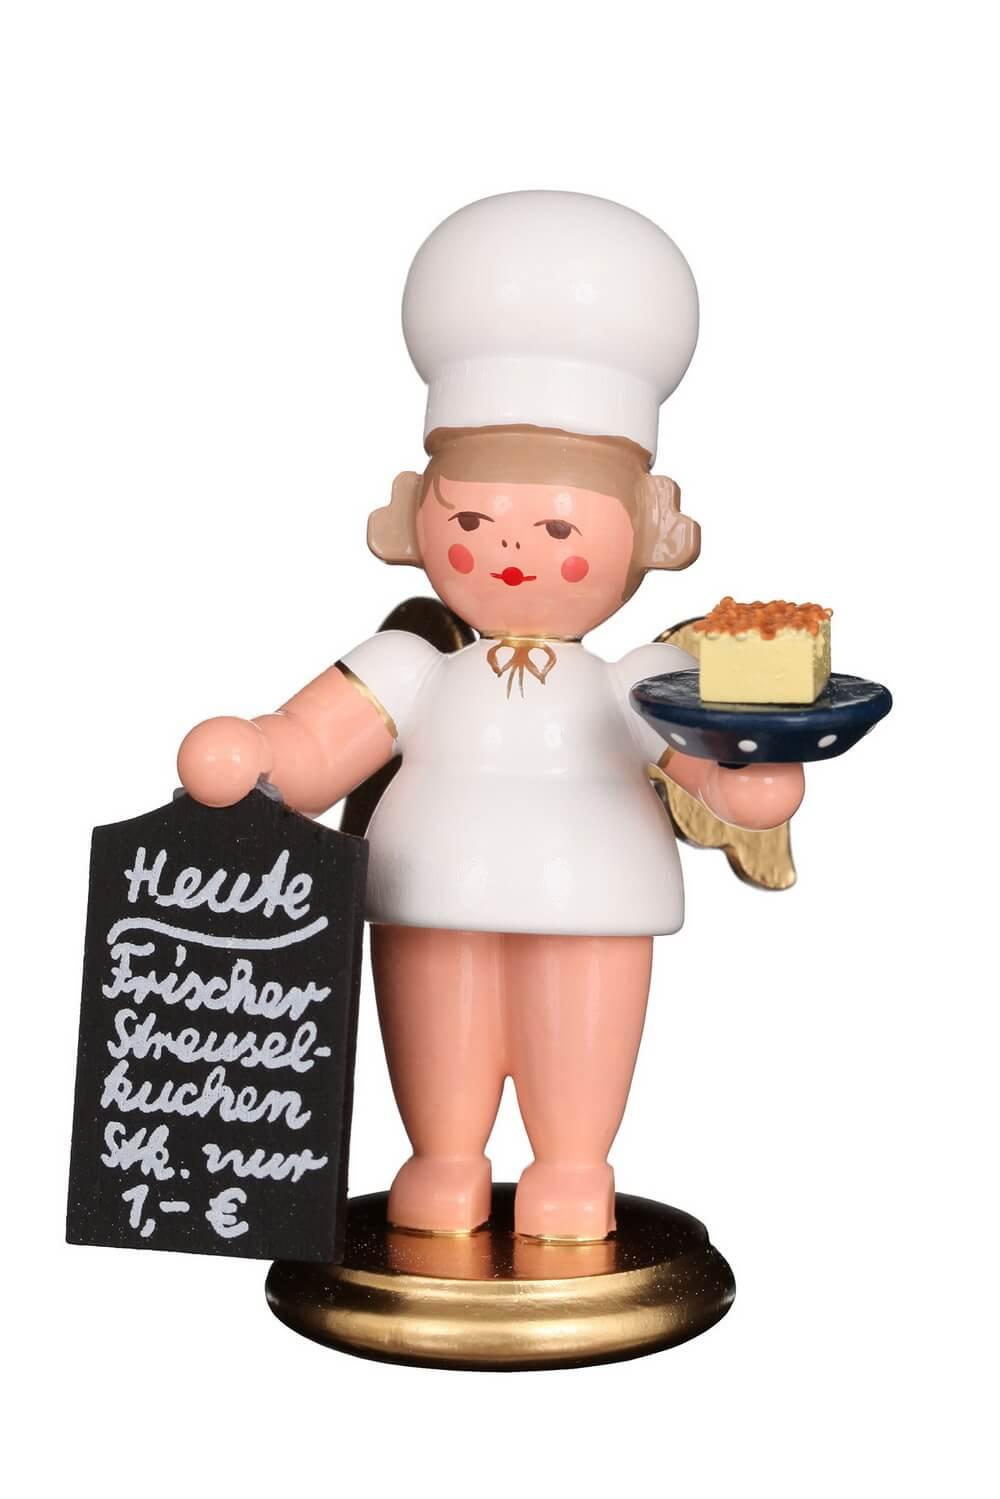 Weihnachtsengel - Bäckerengel mit Streuselkuchen, 8 cm von Christian Ulbricht GmbH & Co. KG Seiffen/ Erzgebirge